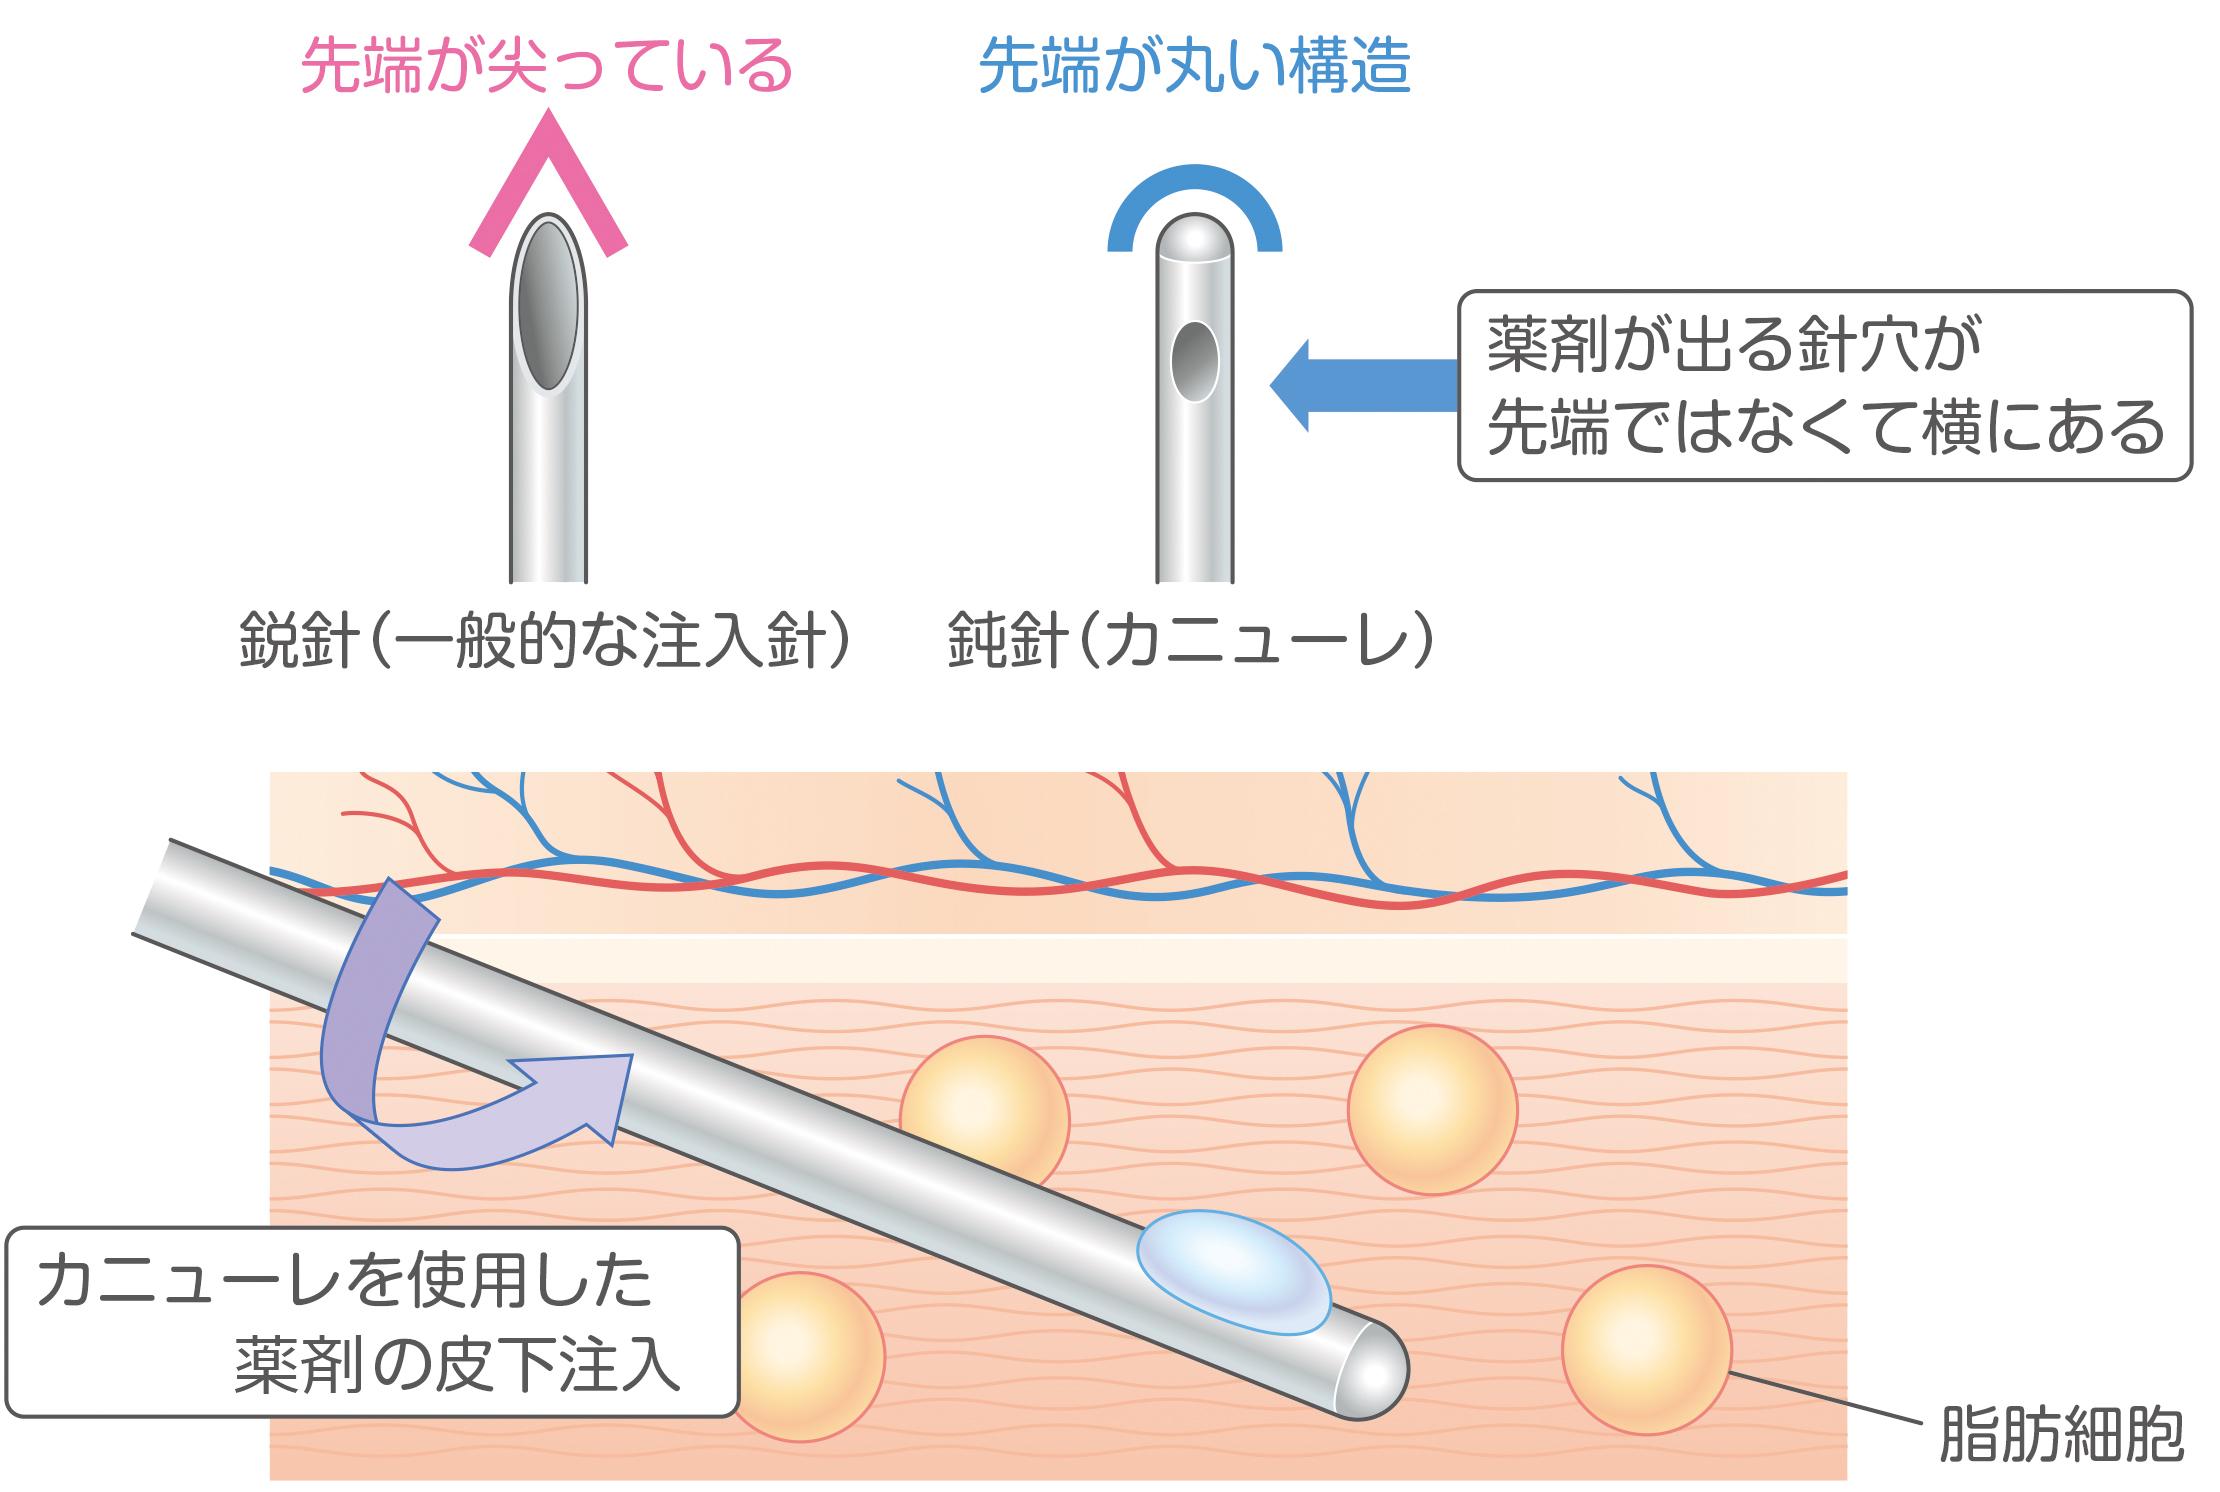 O canulă care ameliorează durerea injecțiilor care dizolvă grăsimea